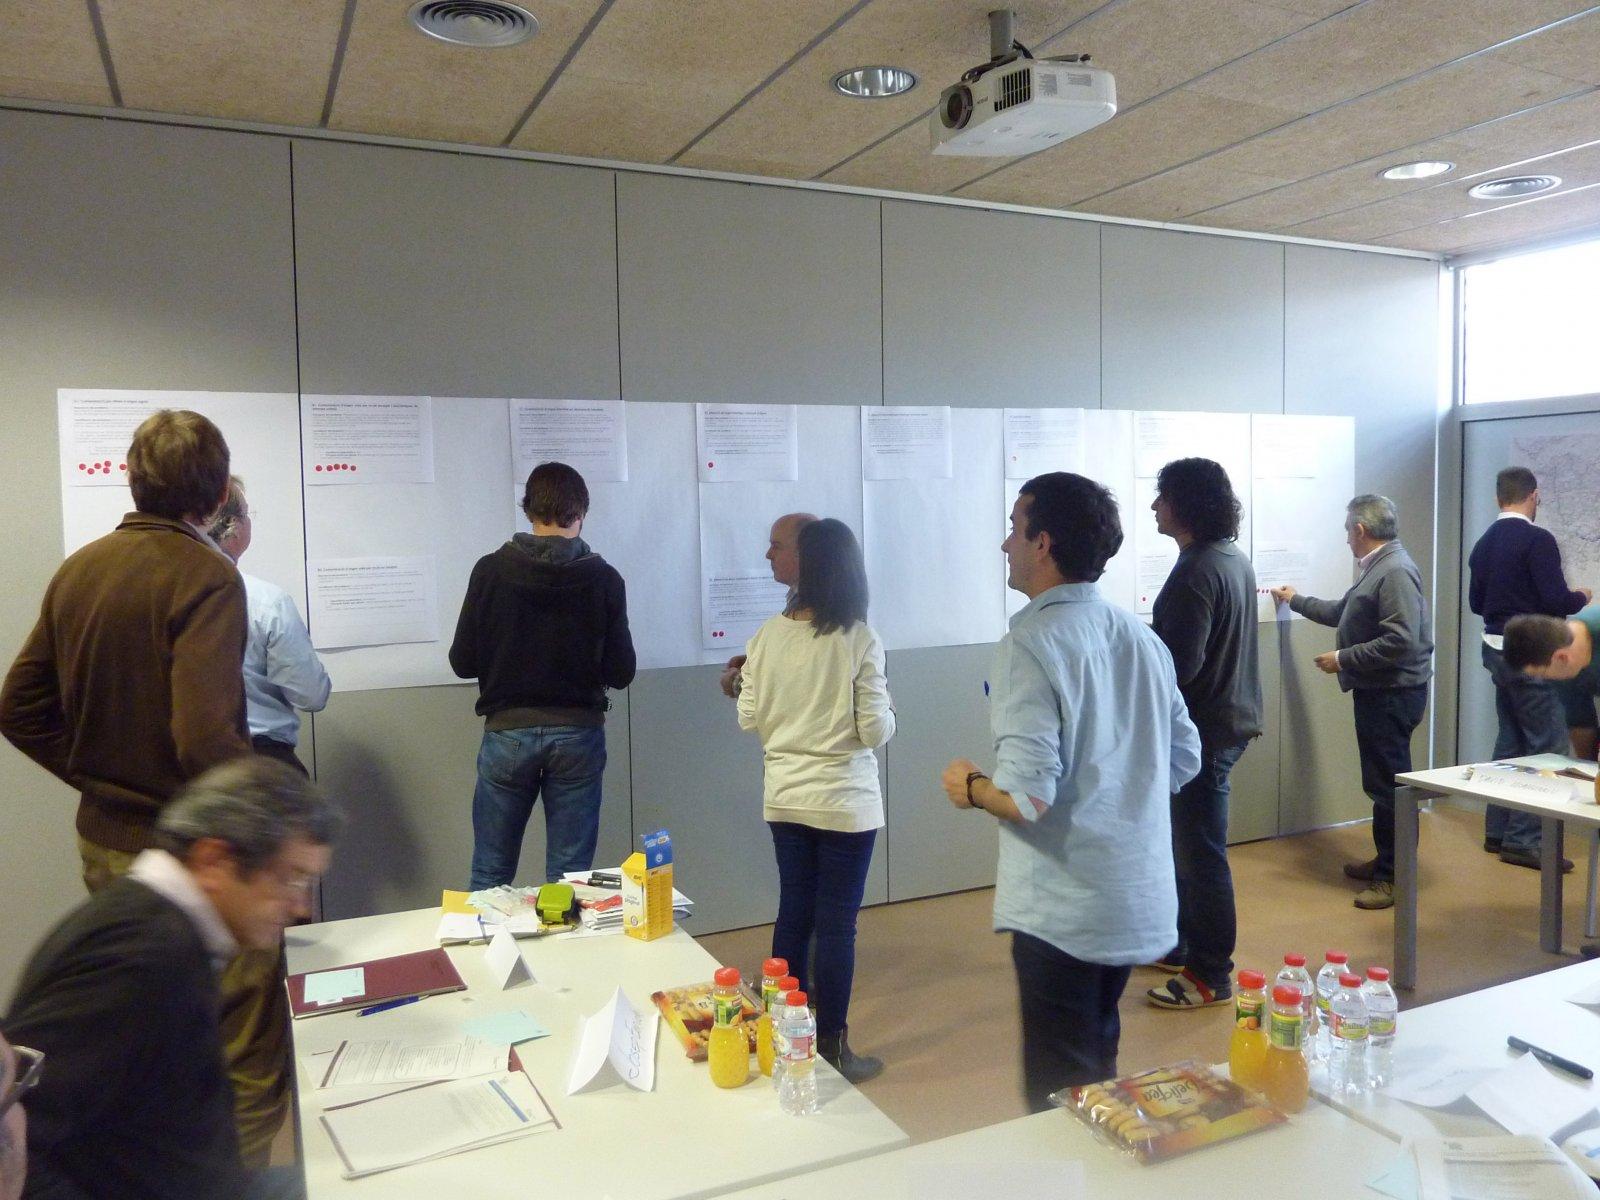 Una de les sessions de participació a Girona, dins l'actual cicle de planificació.